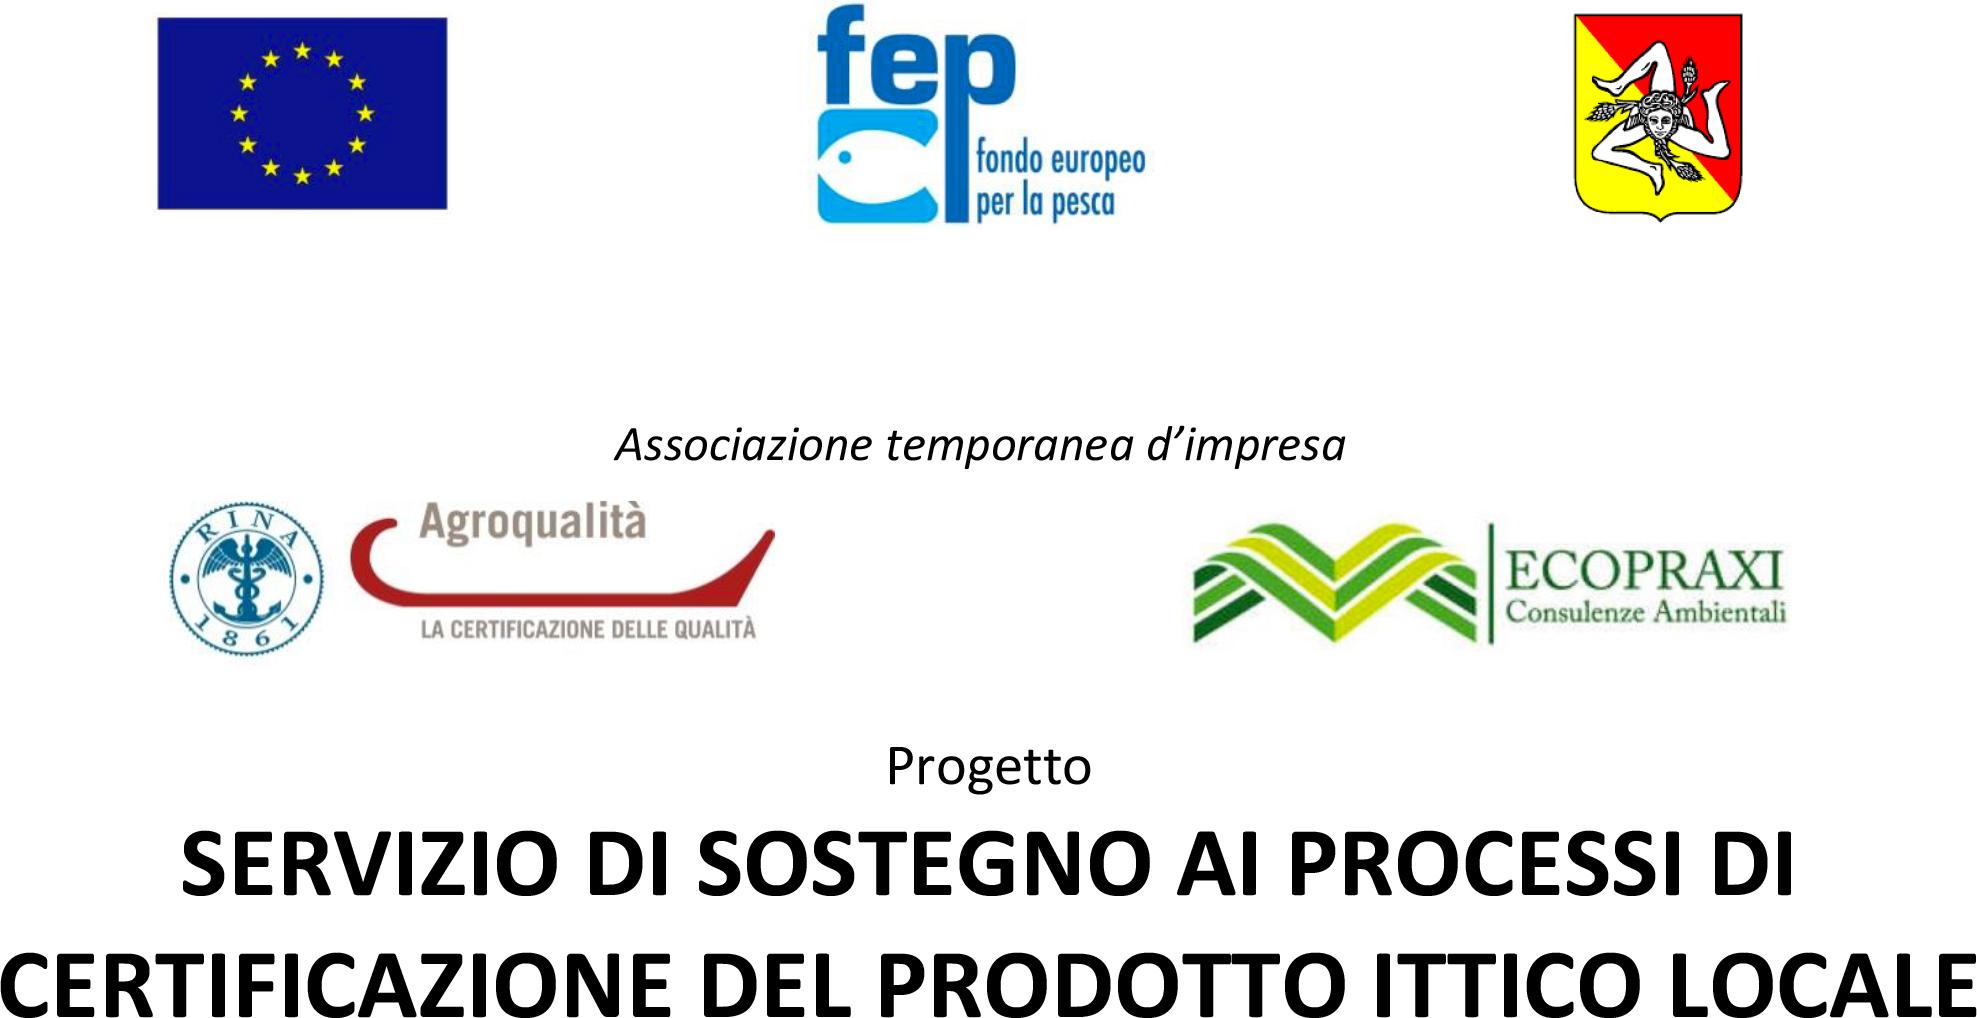 Servizio di sostegno ai processi di certificazione del prodotto ittico locale